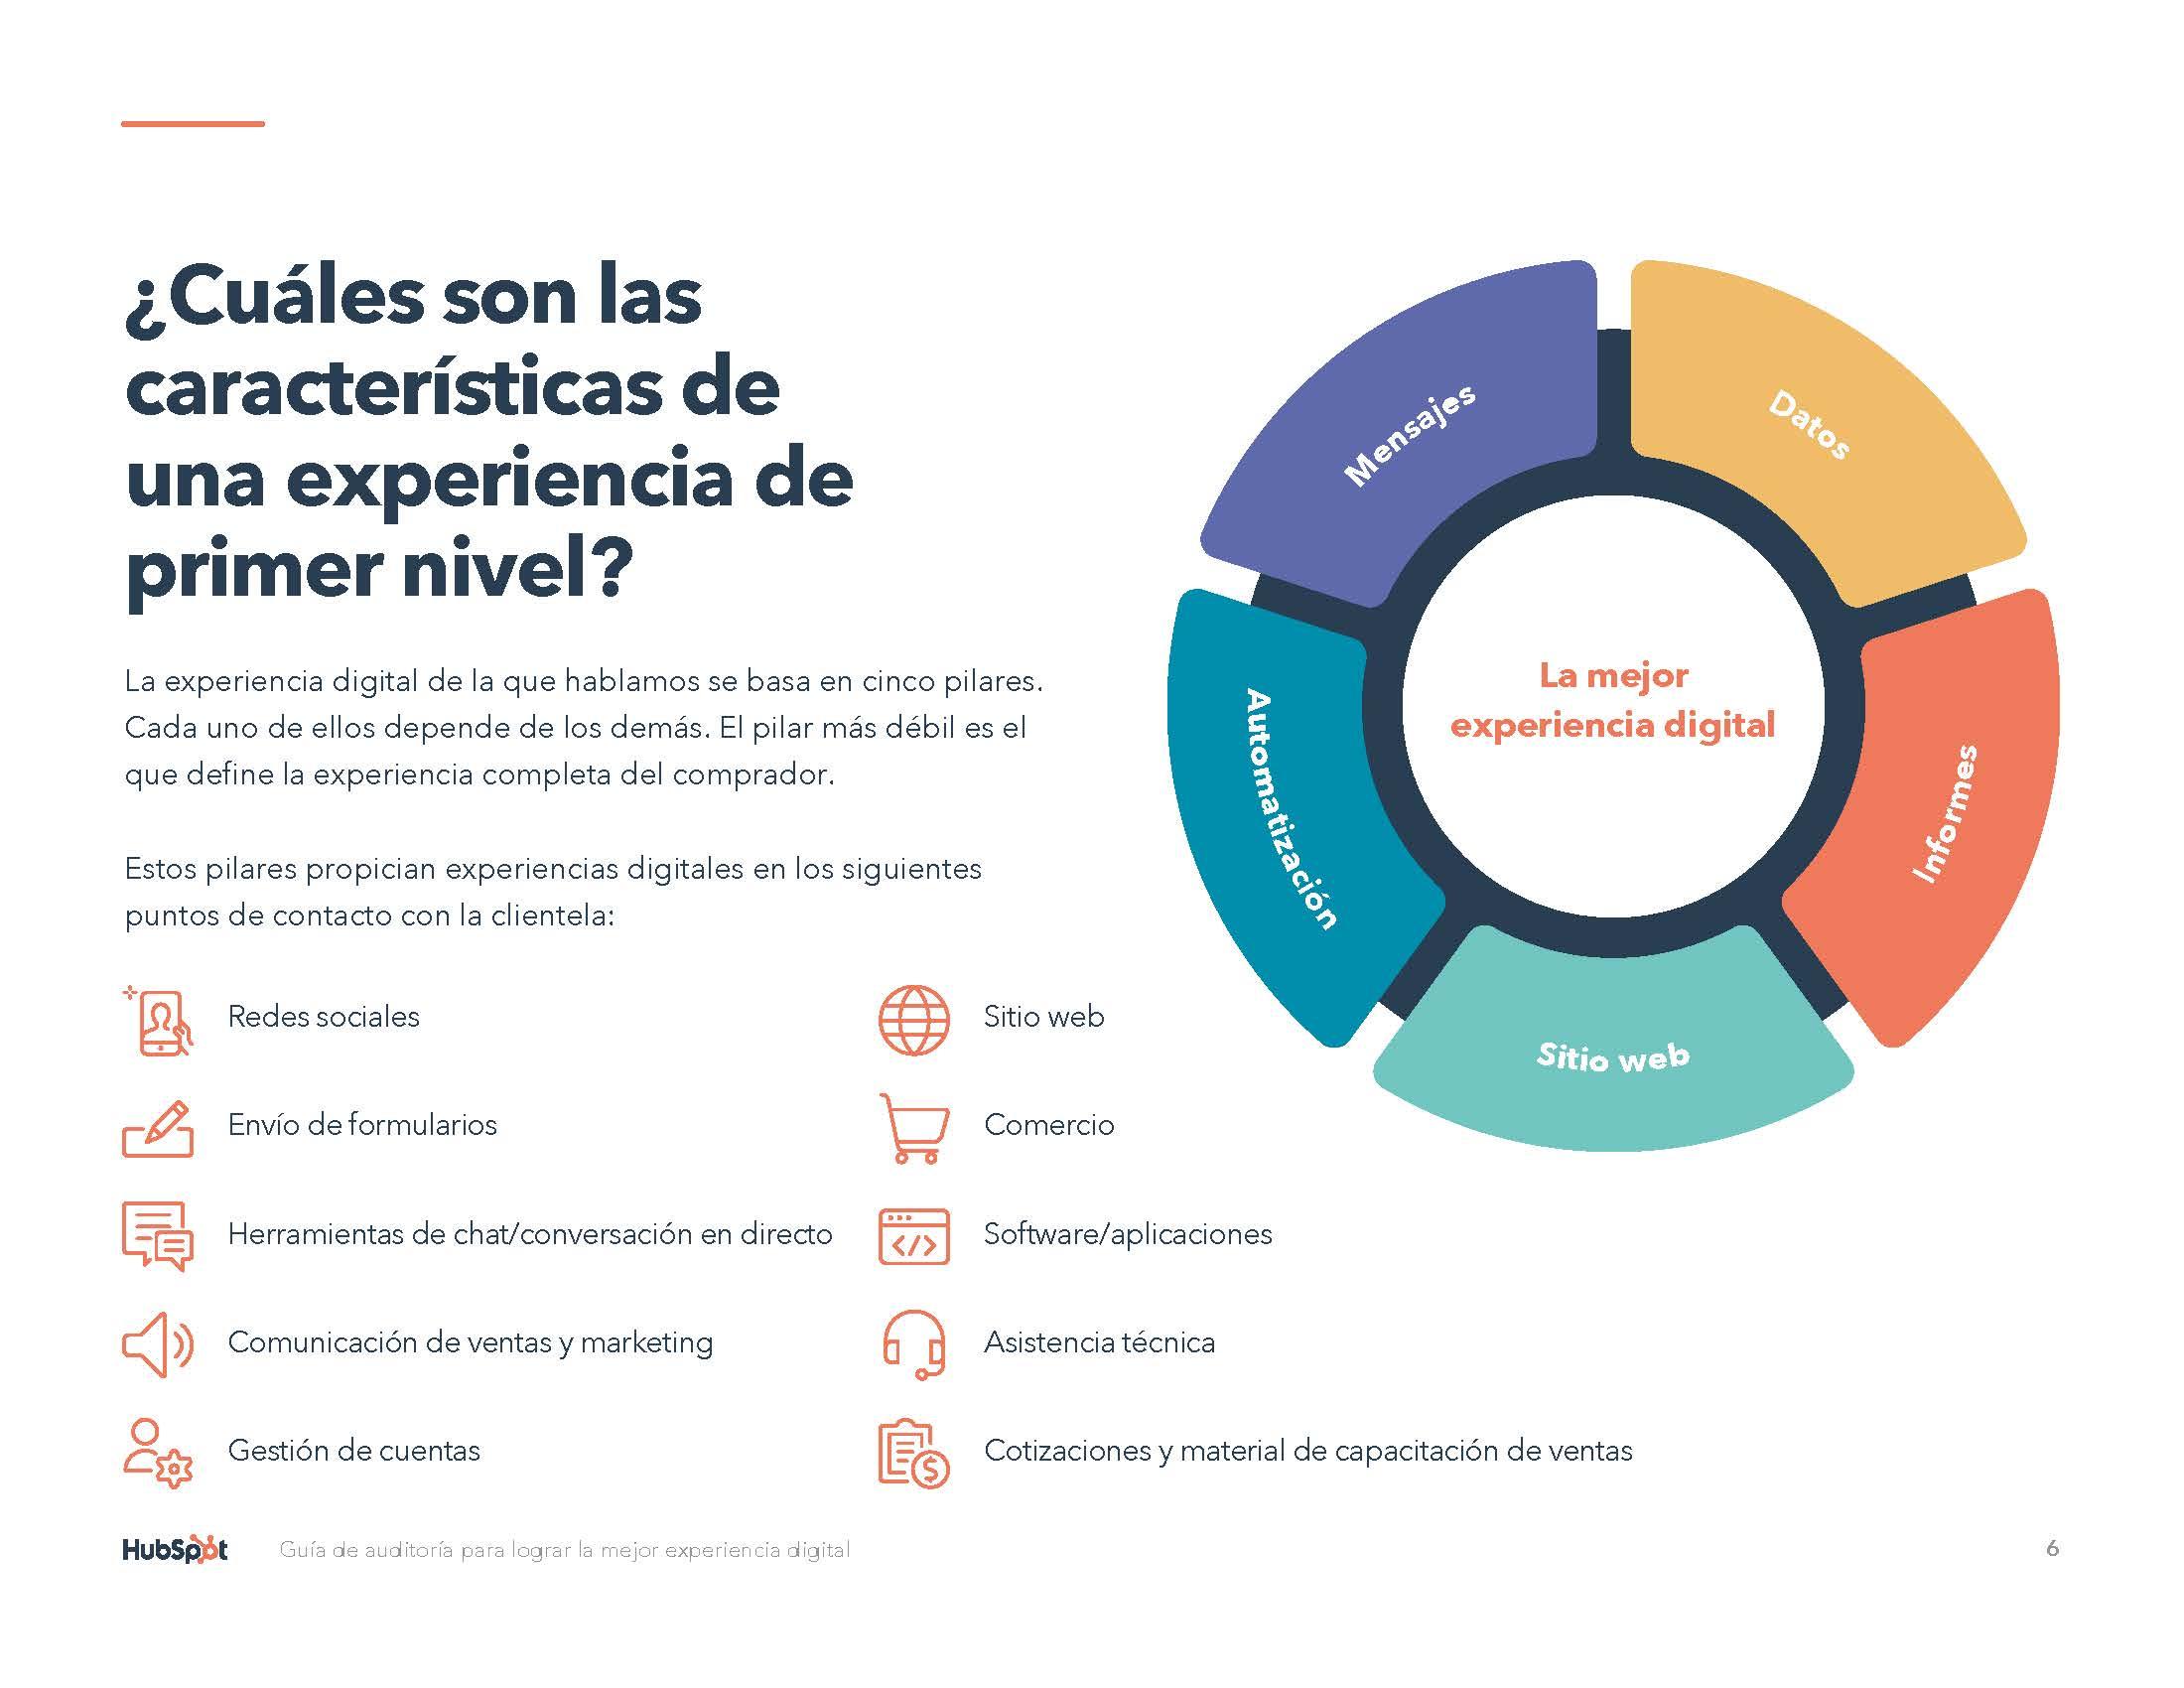 Guía de auditoría sobre experiencia digital